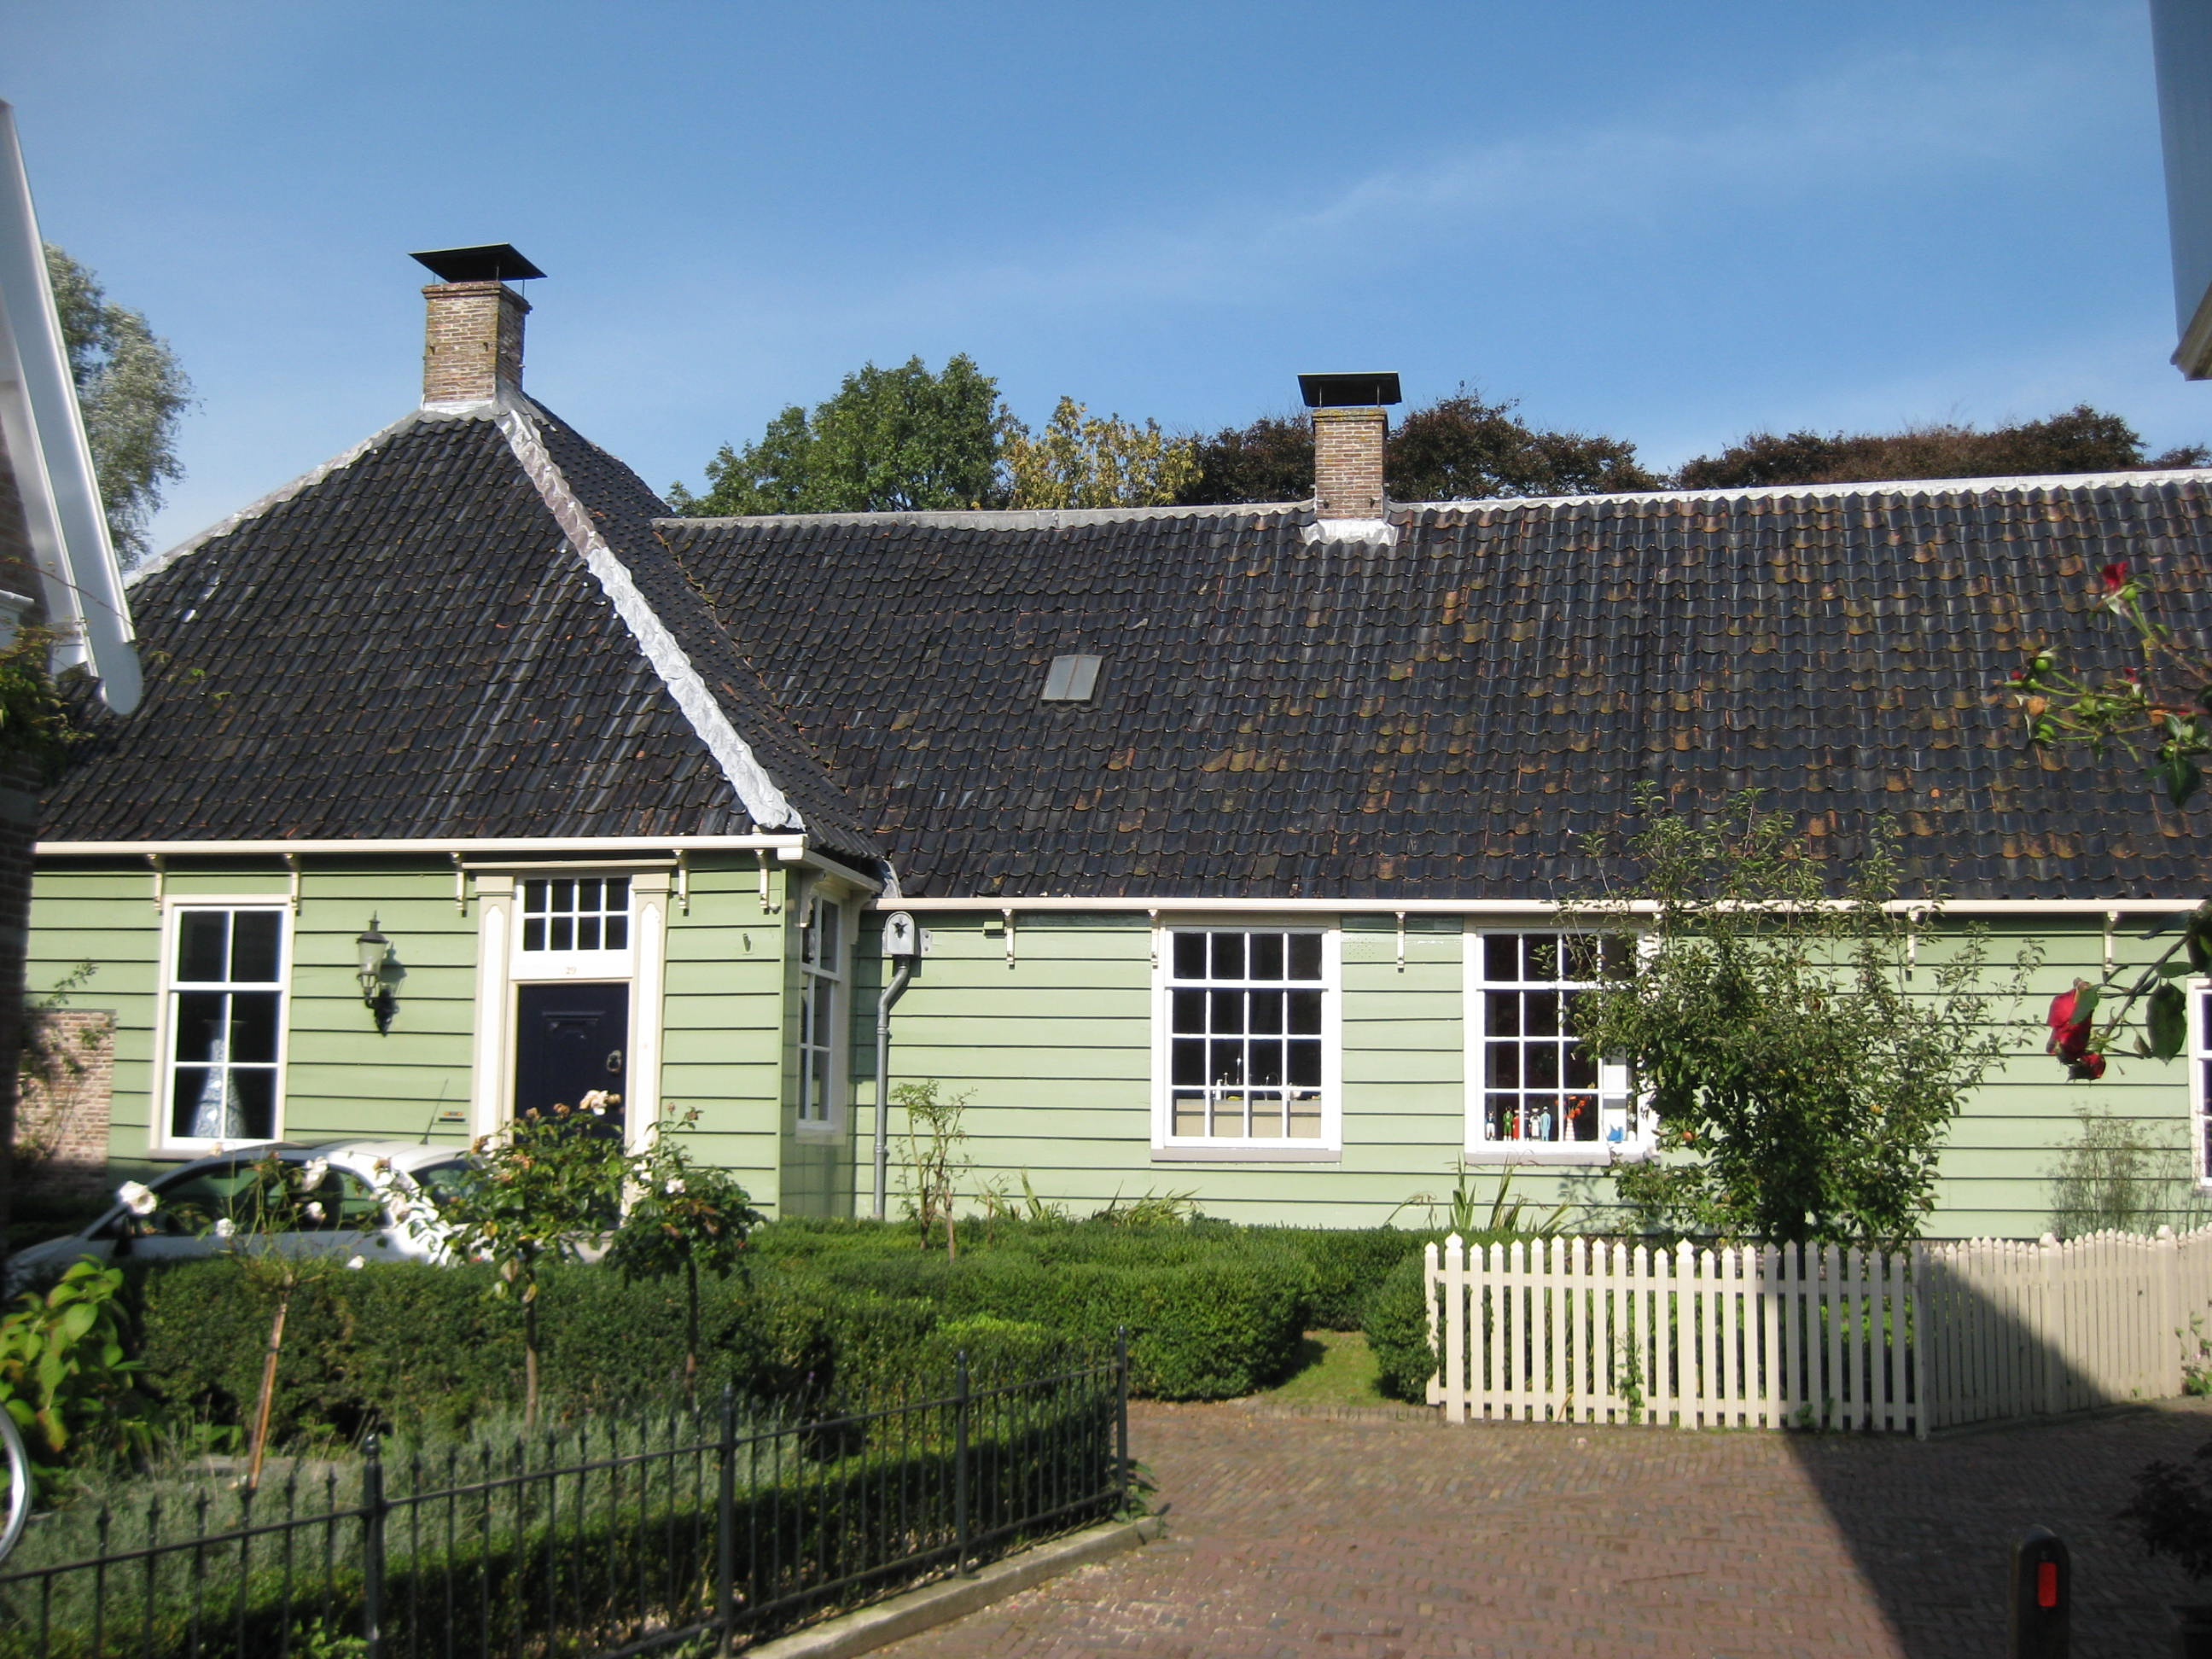 Houten huis met bredere achterbouw in broek in waterland monument - Houten huis ...